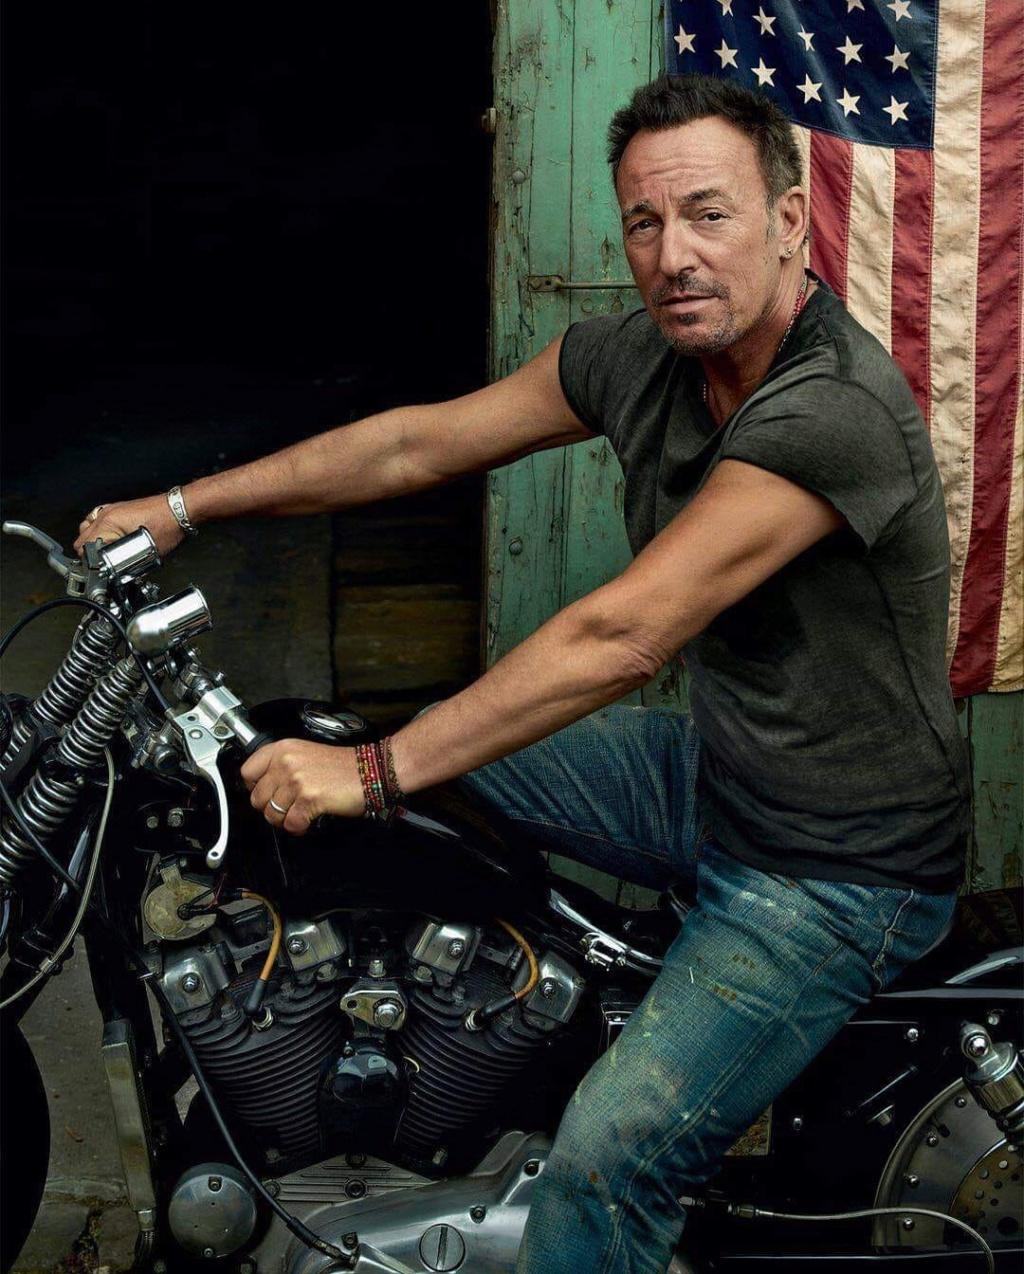 Ils ont posé avec une Harley, uniquement les People - Page 8 64700210